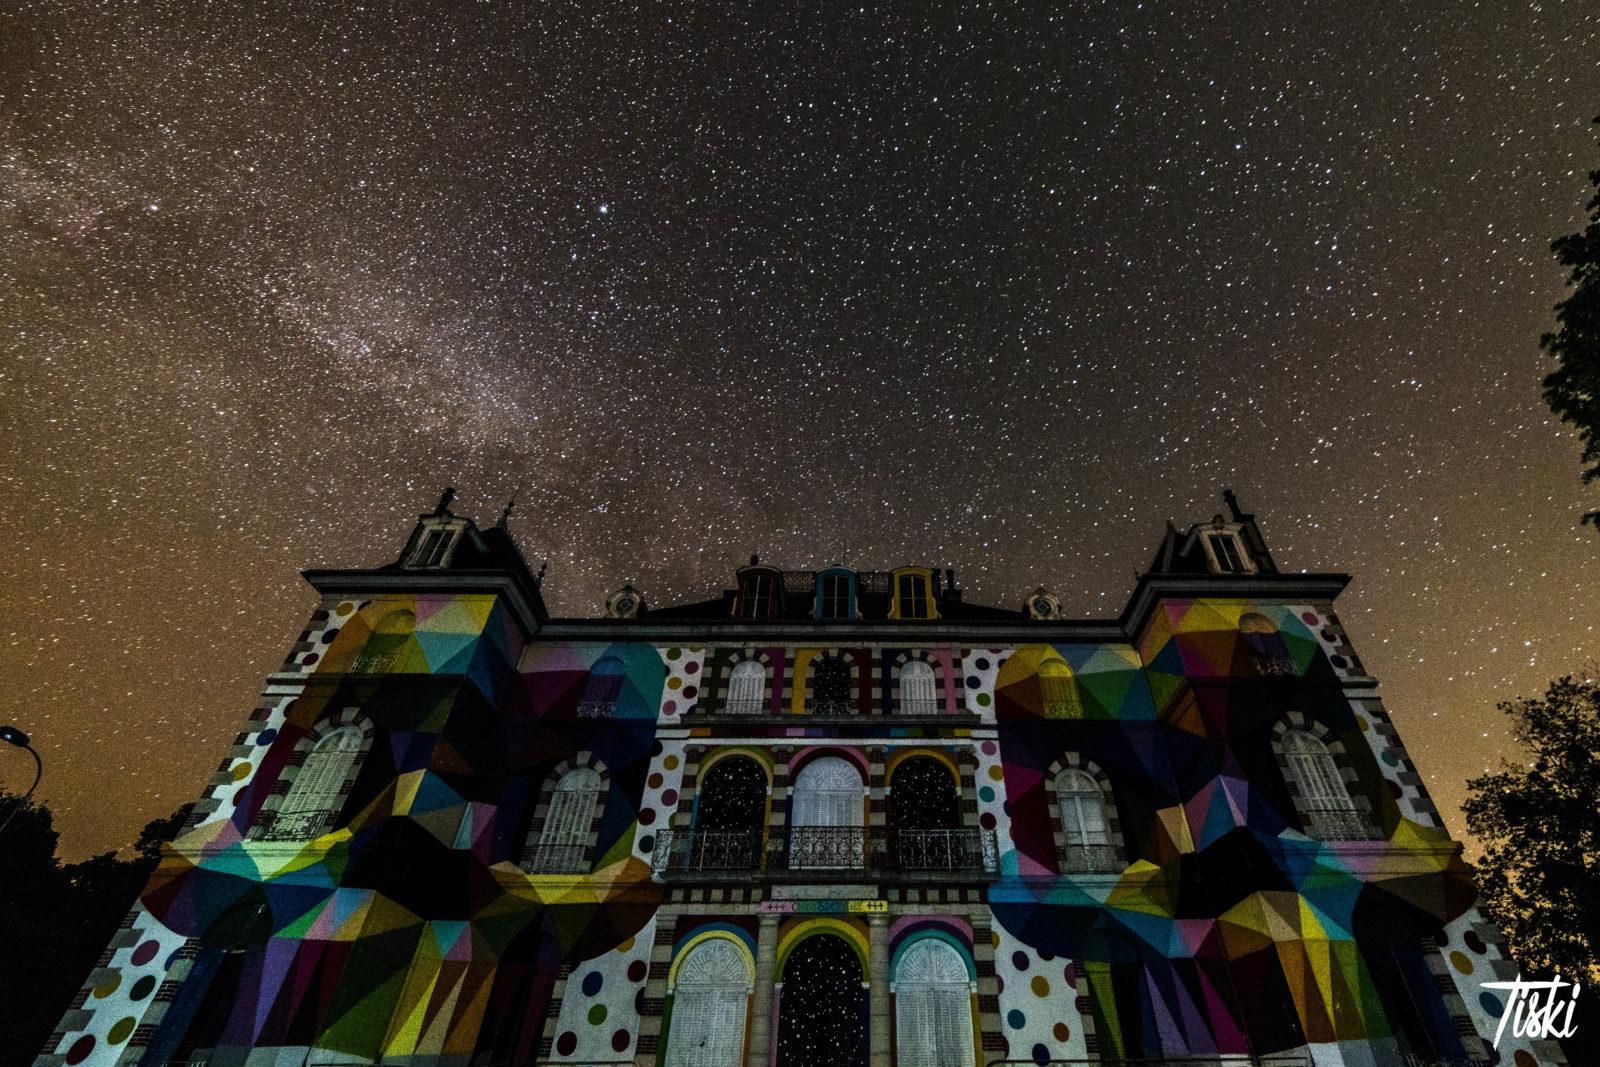 LaBel Valette Fest domaine okuda chateau nuit - LaBel Valette Fest : l'art et les cultures urbaines font revivre un château abandonné